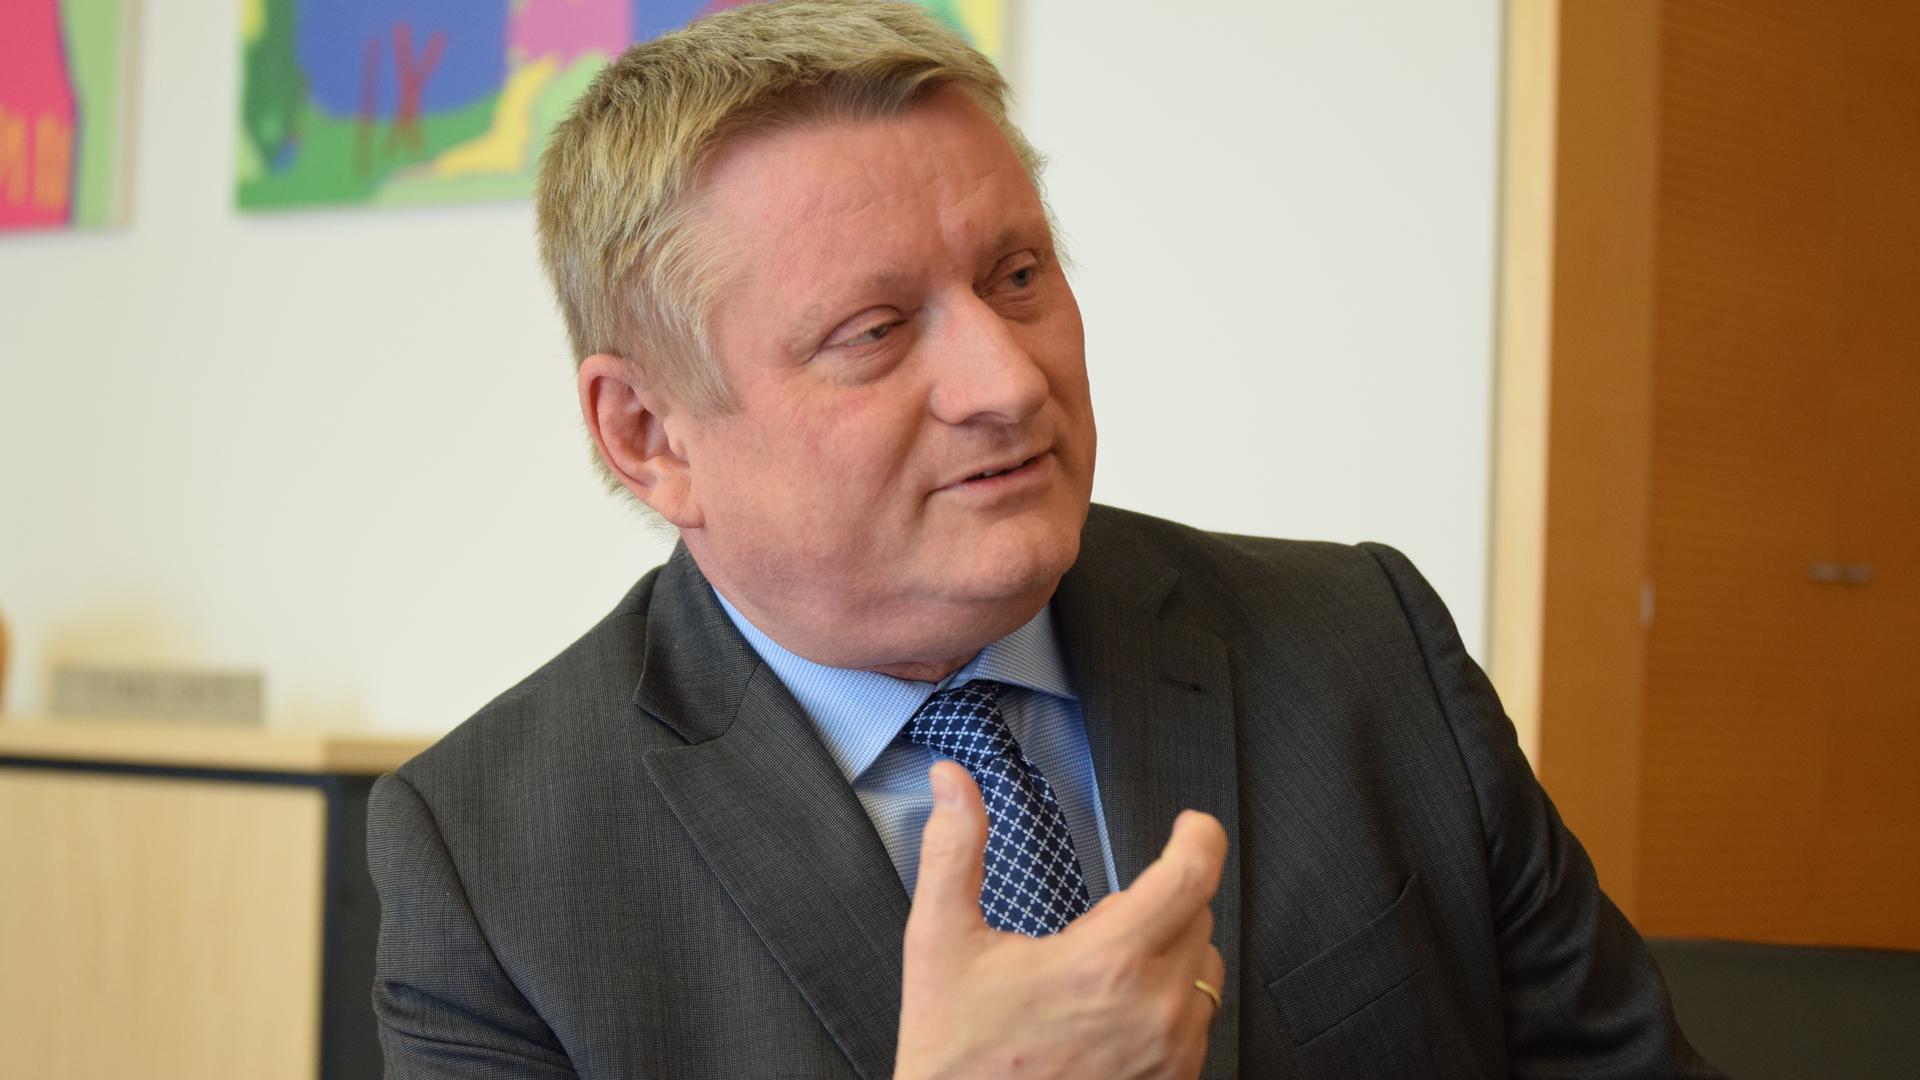 Hermann Gröhe hält nichts von dem Vorschlag seines Nachfolgers im Amt des Gesundheitsministers, Jens Spahn, zu einem neuen Organspendegesetz